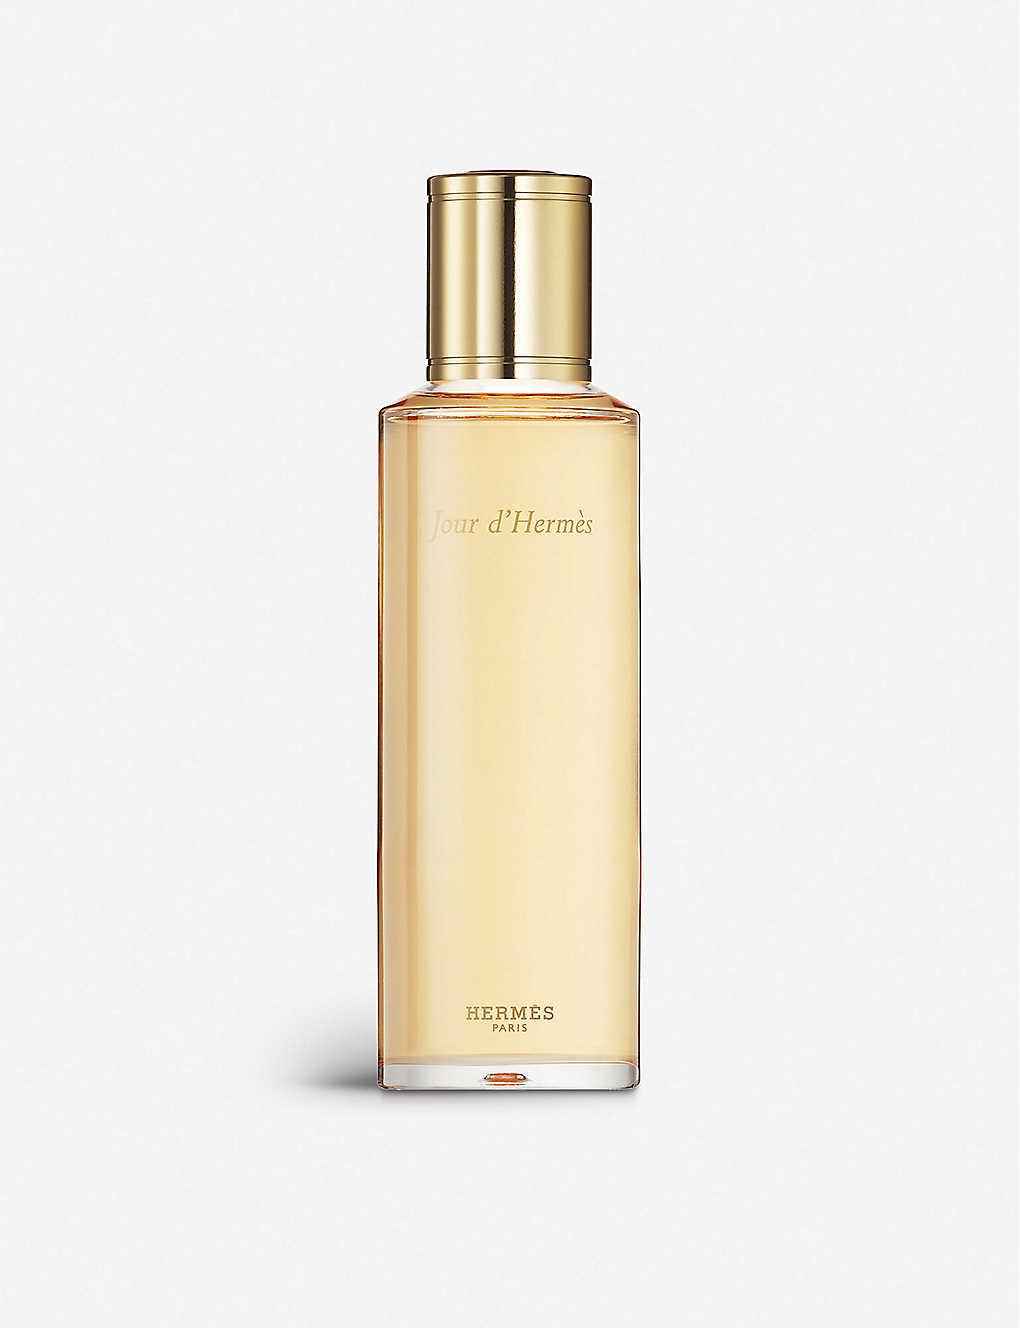 Hermes Jour Dhermès Eau De Parfum Refill 125ml Selfridgescom